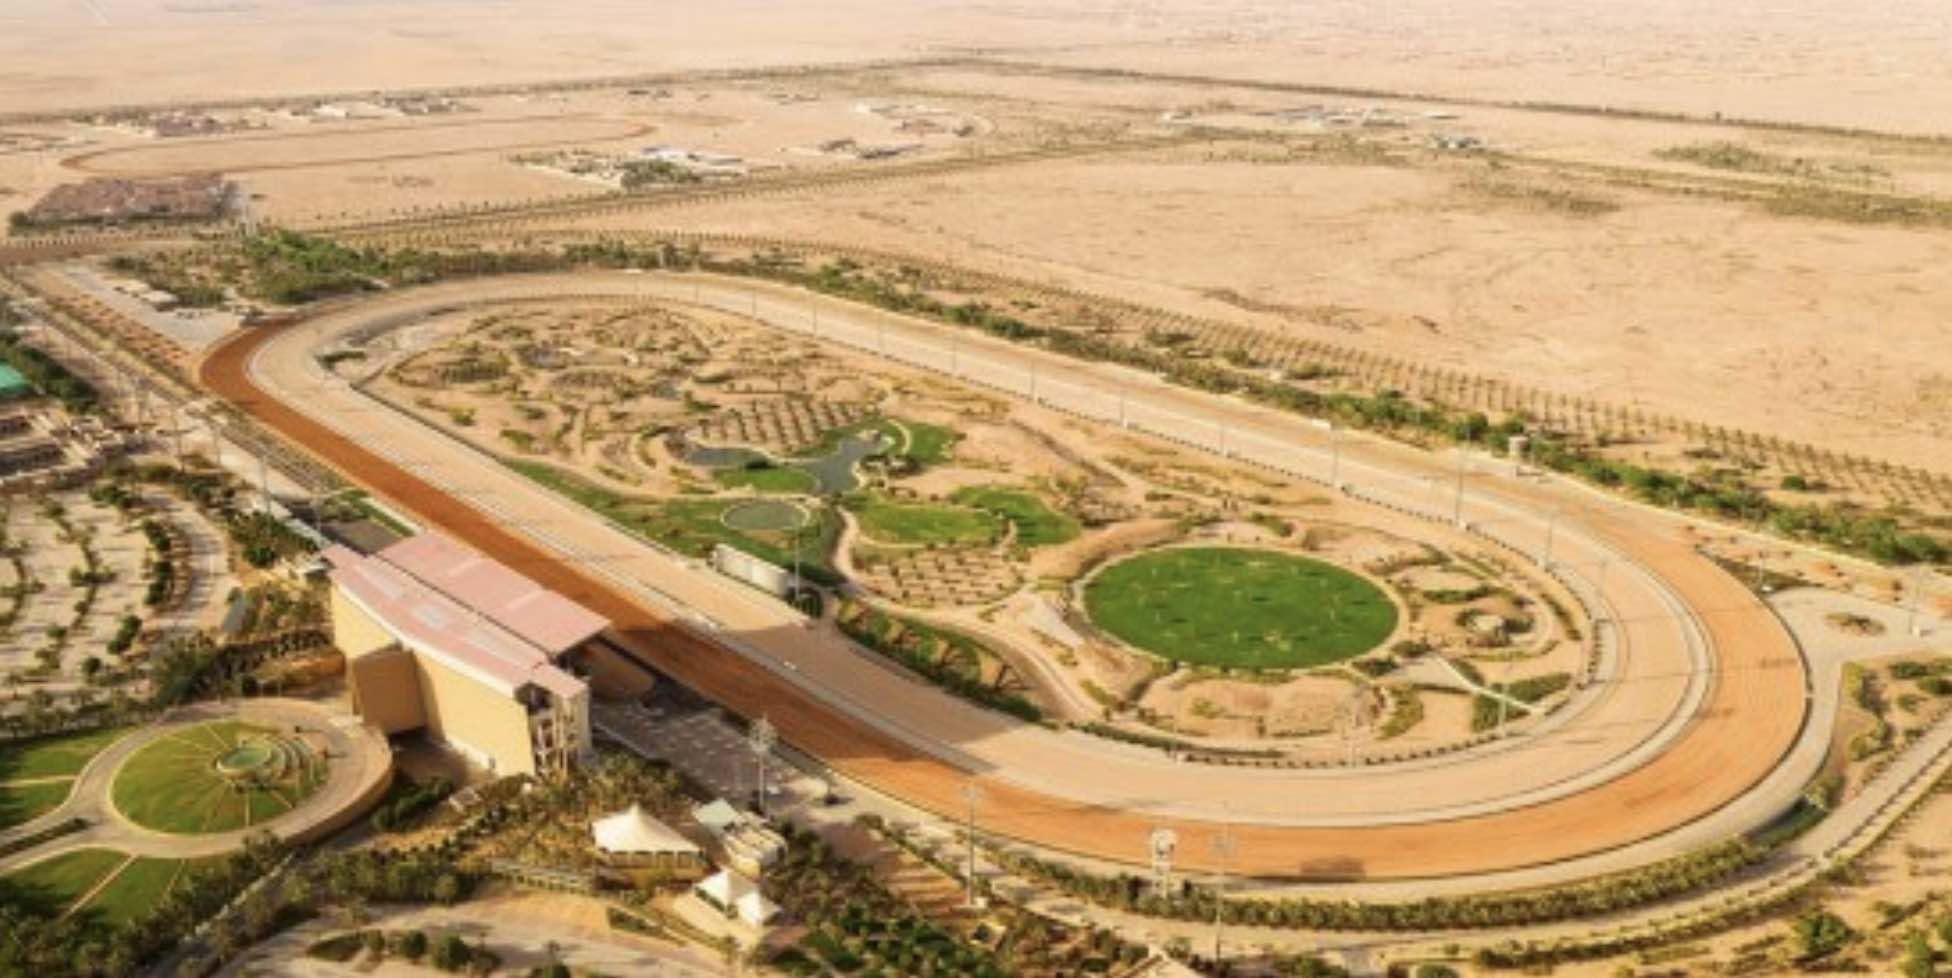 サウジアラビアの首都リヤドで開催の競馬サウジCのキングアブドゥルアジーズ競馬場の周辺画像